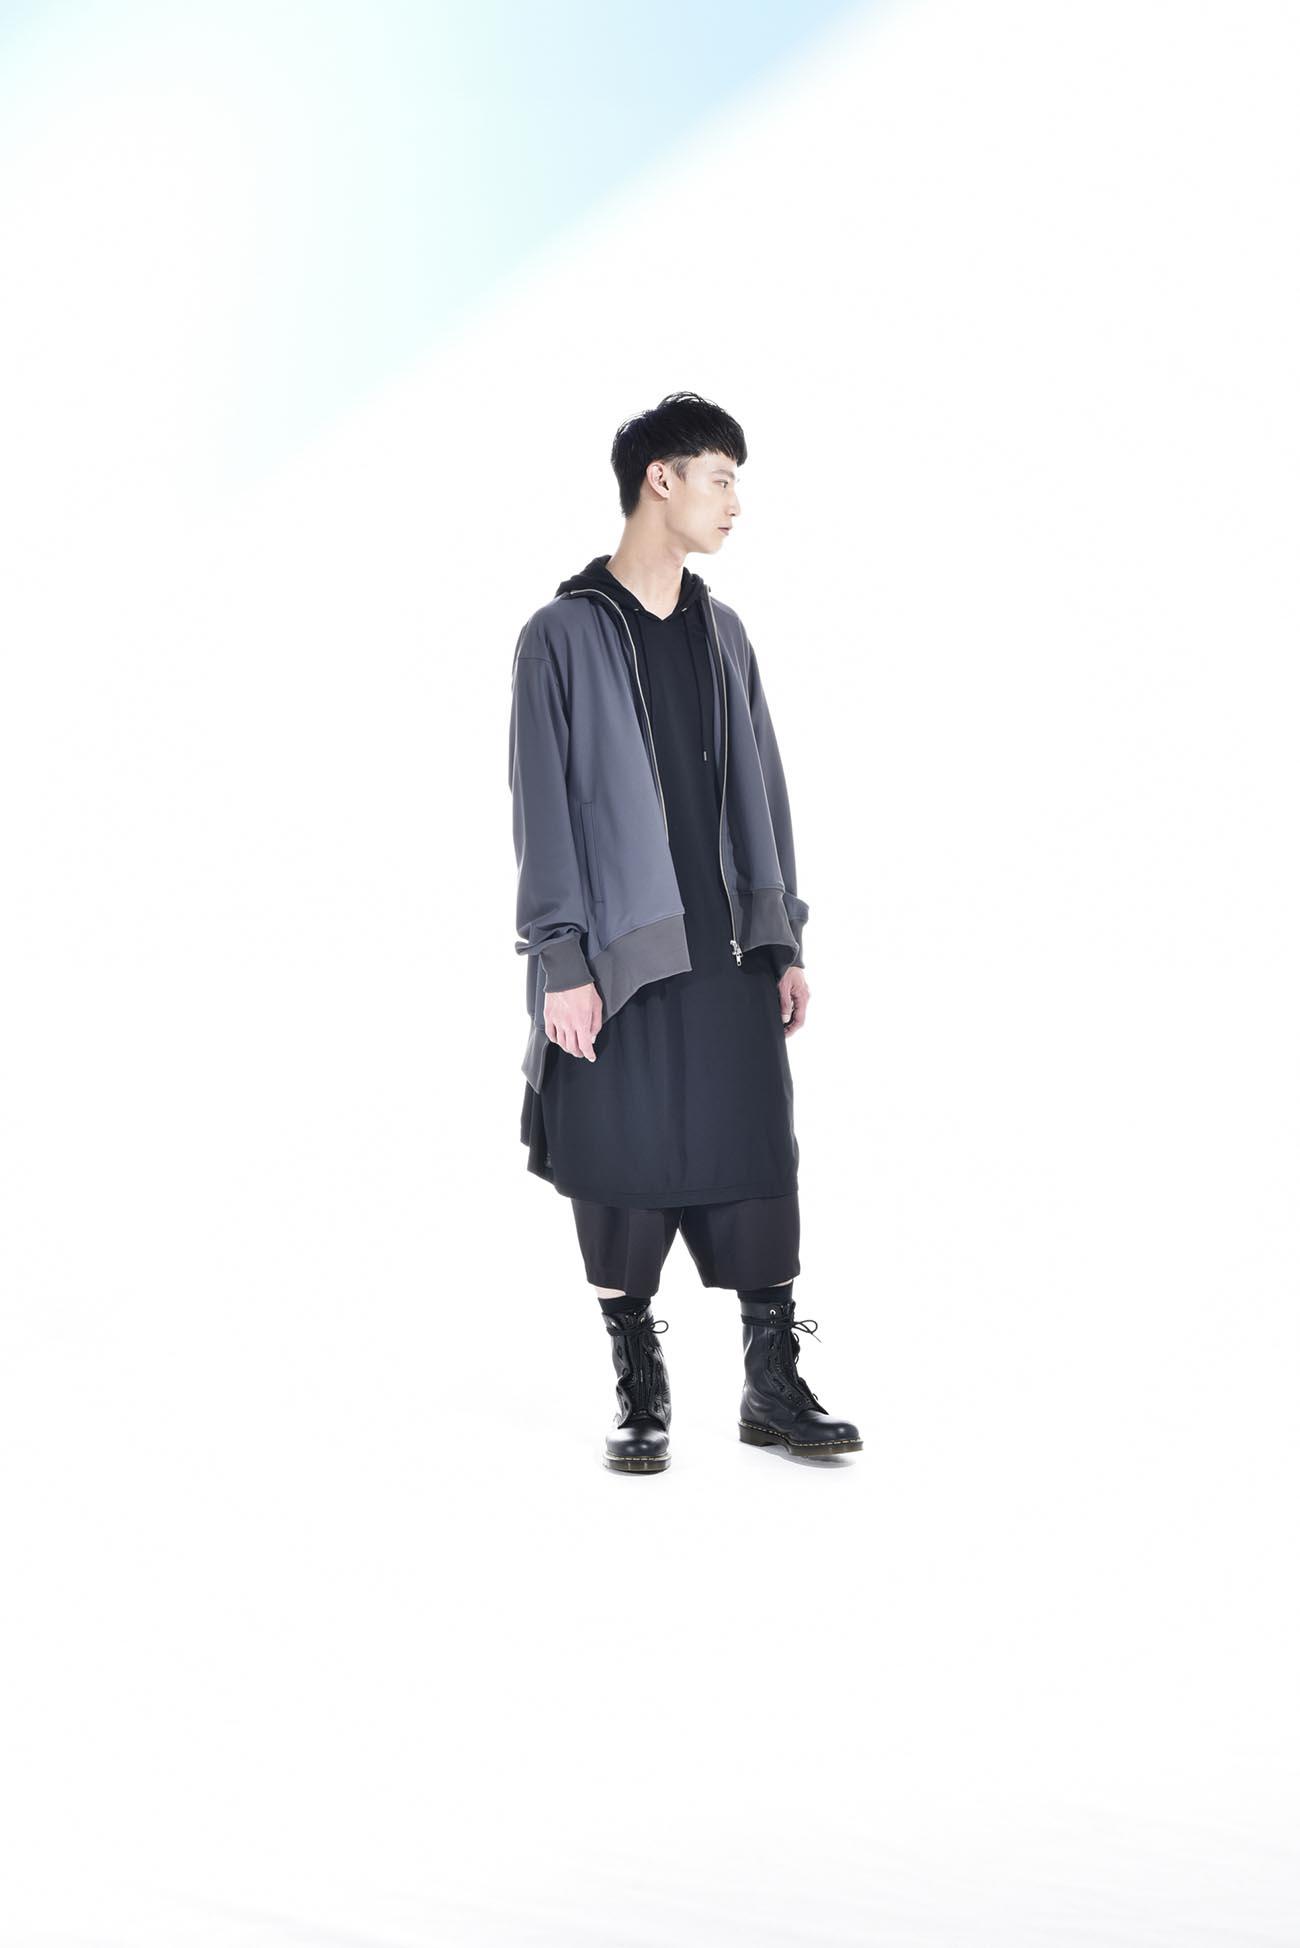 Pe/Jersey Twill Semi-Destructed Truck Suit